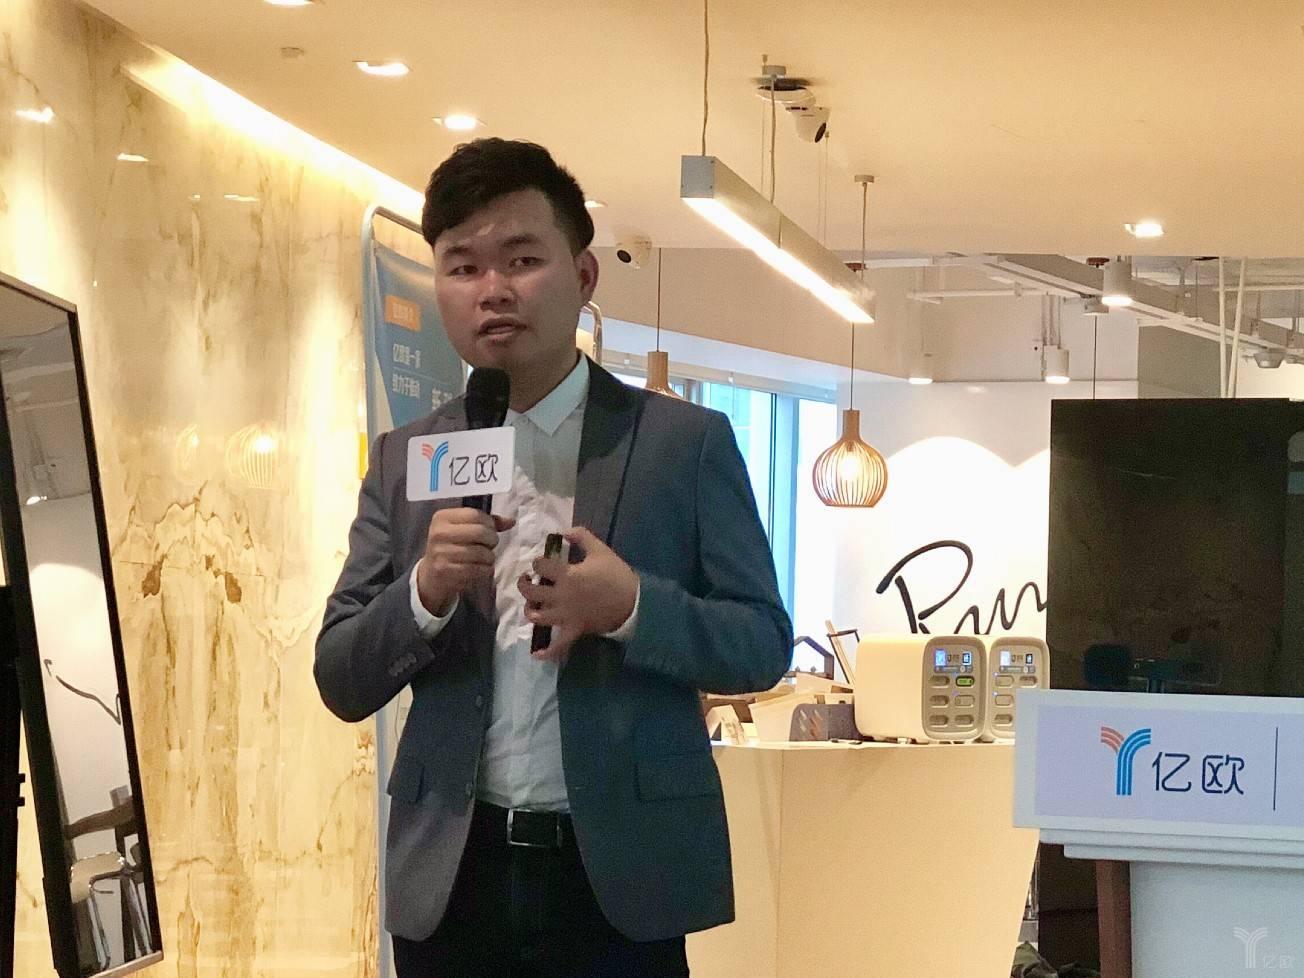 F5未来商店林小龙:打造更细颗粒度的智能零售网络